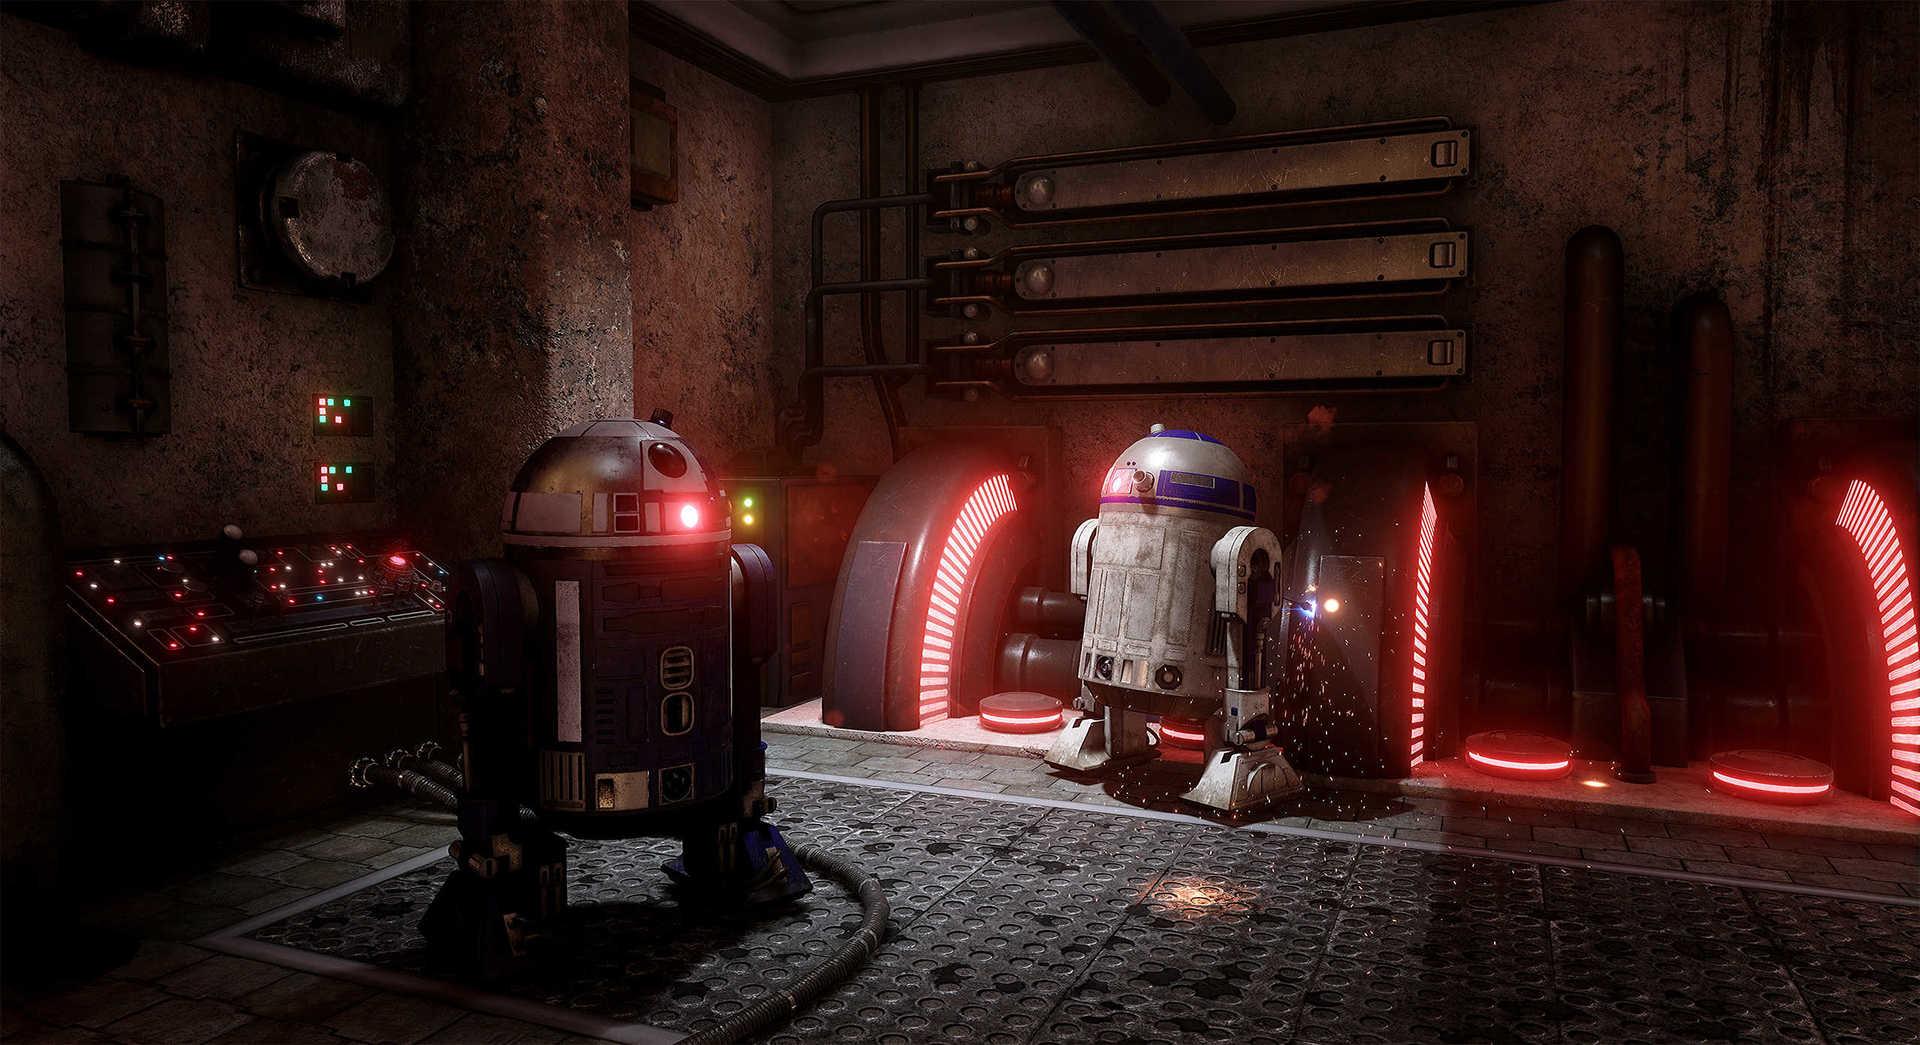 Создание сцены из Star Wars в Unreal Engine 4 - 4